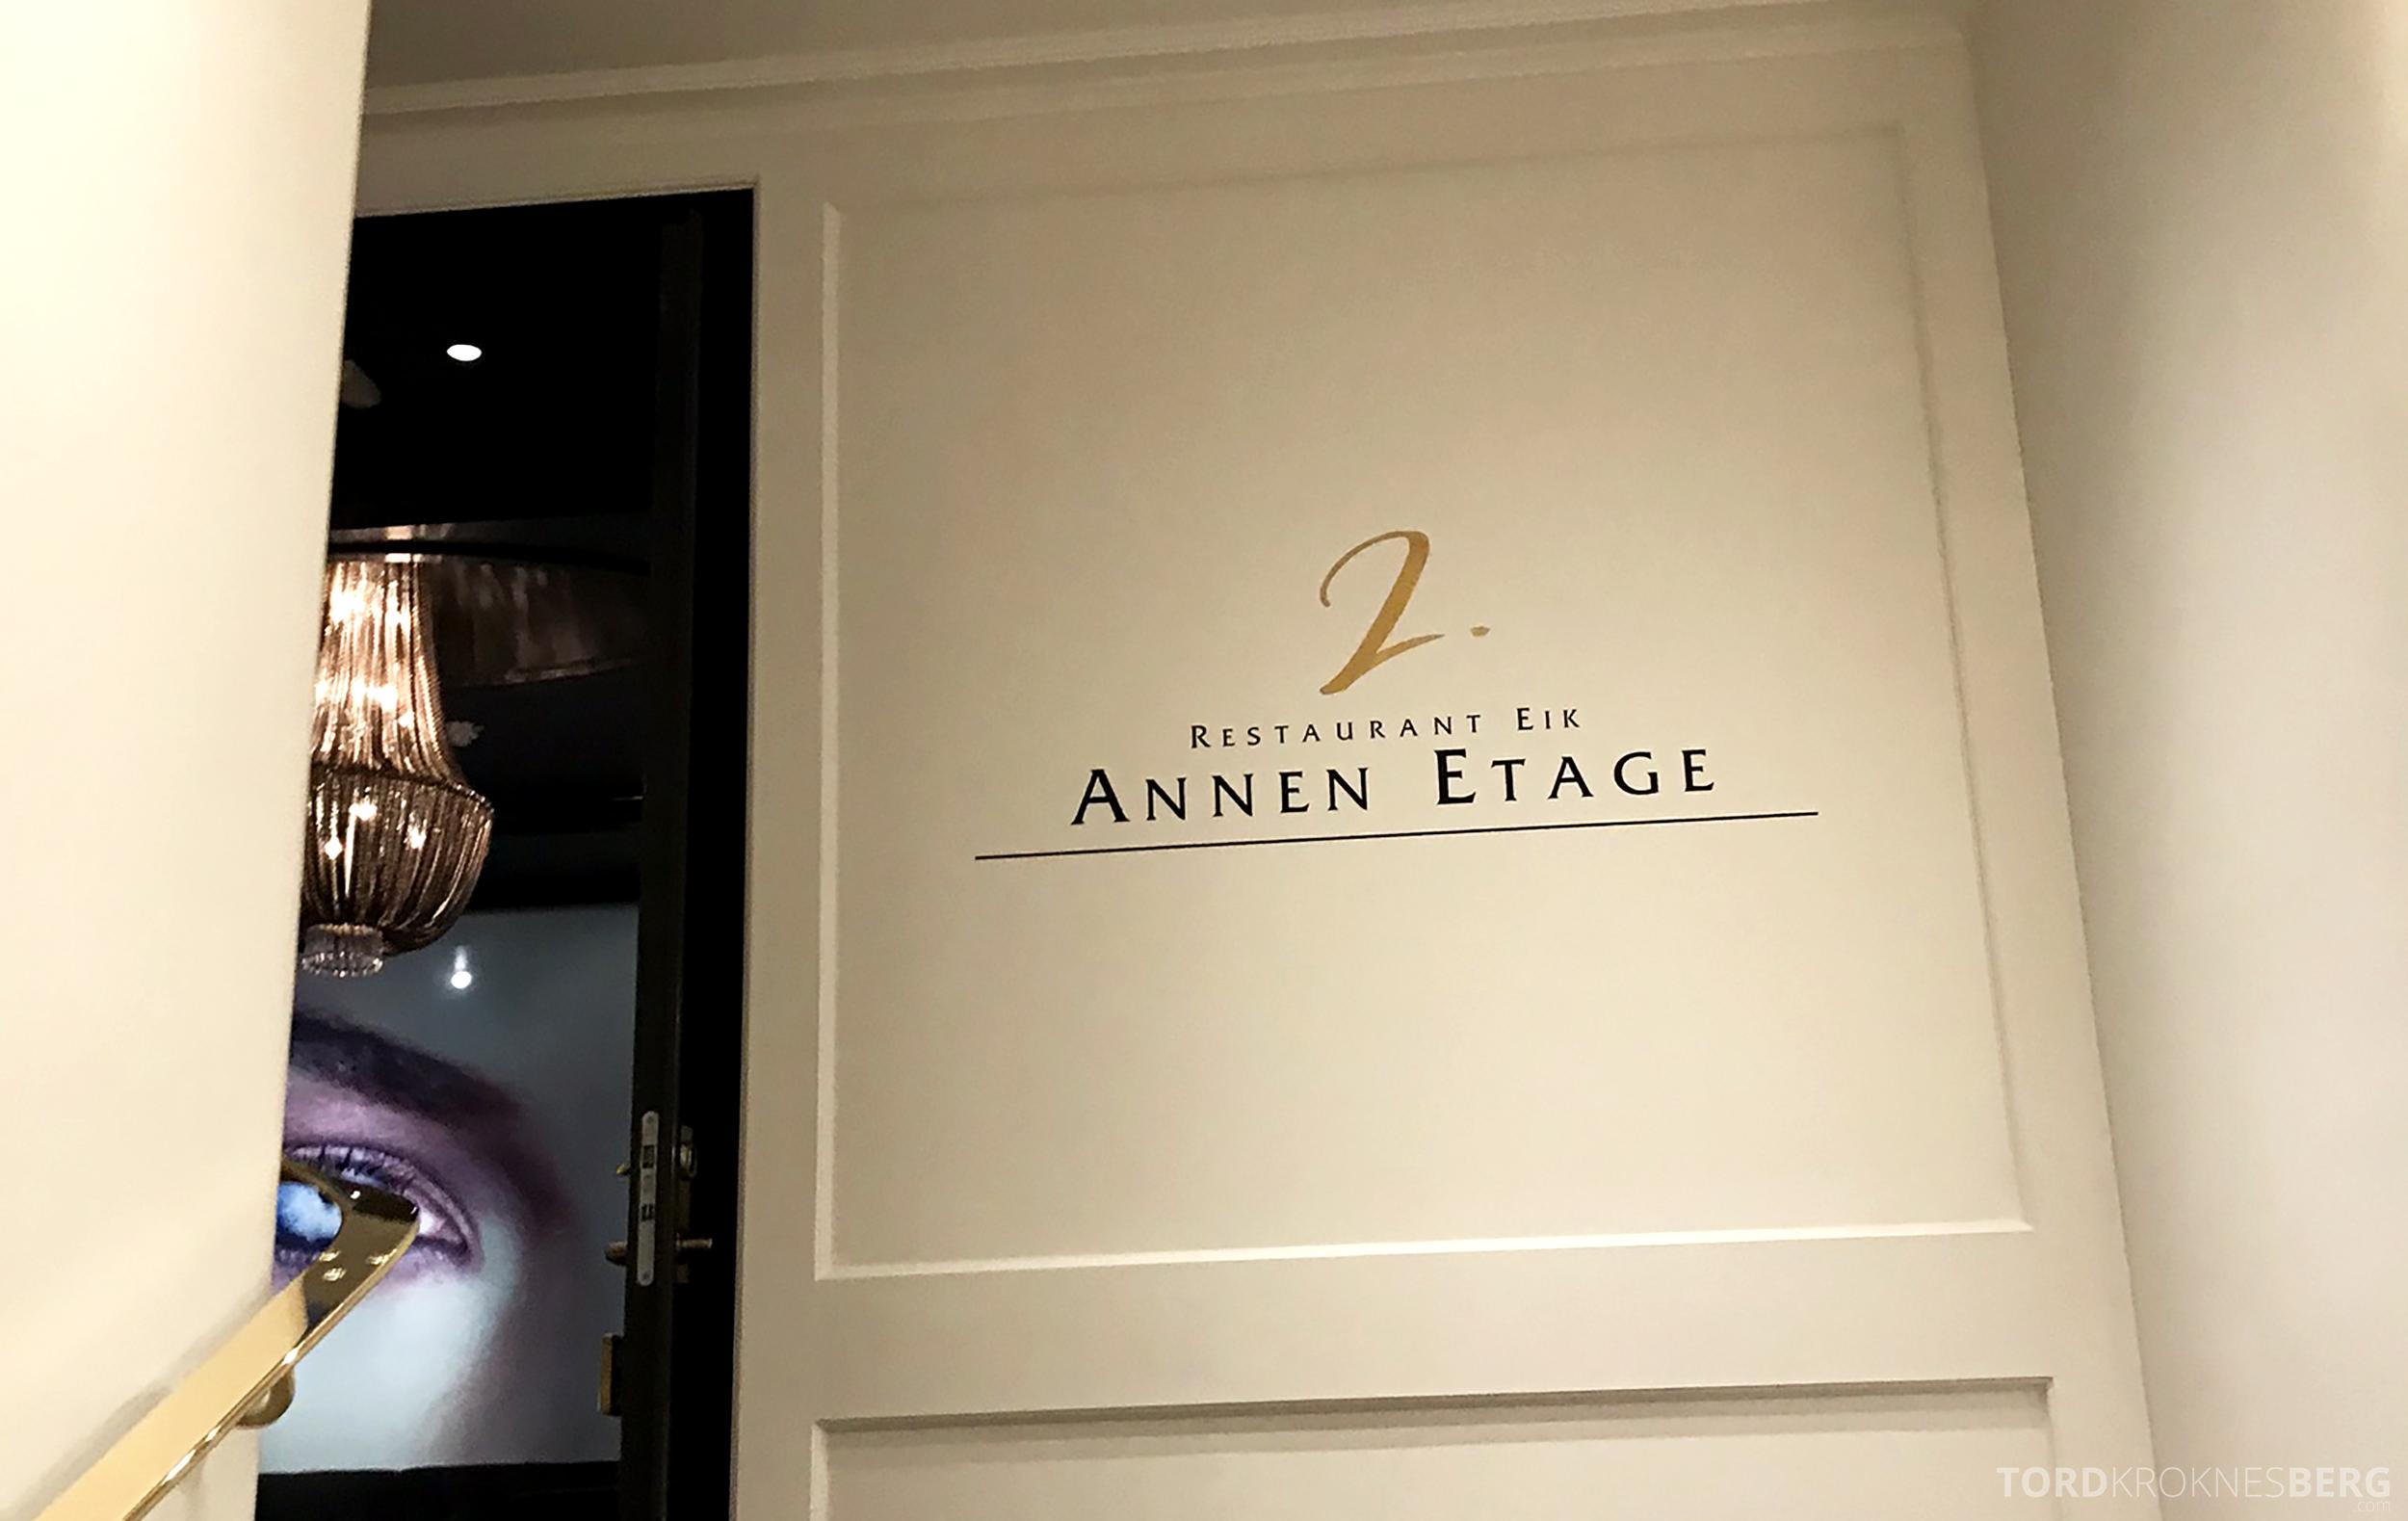 Restaurant Eik Annen Etage Oslo inngangsparti